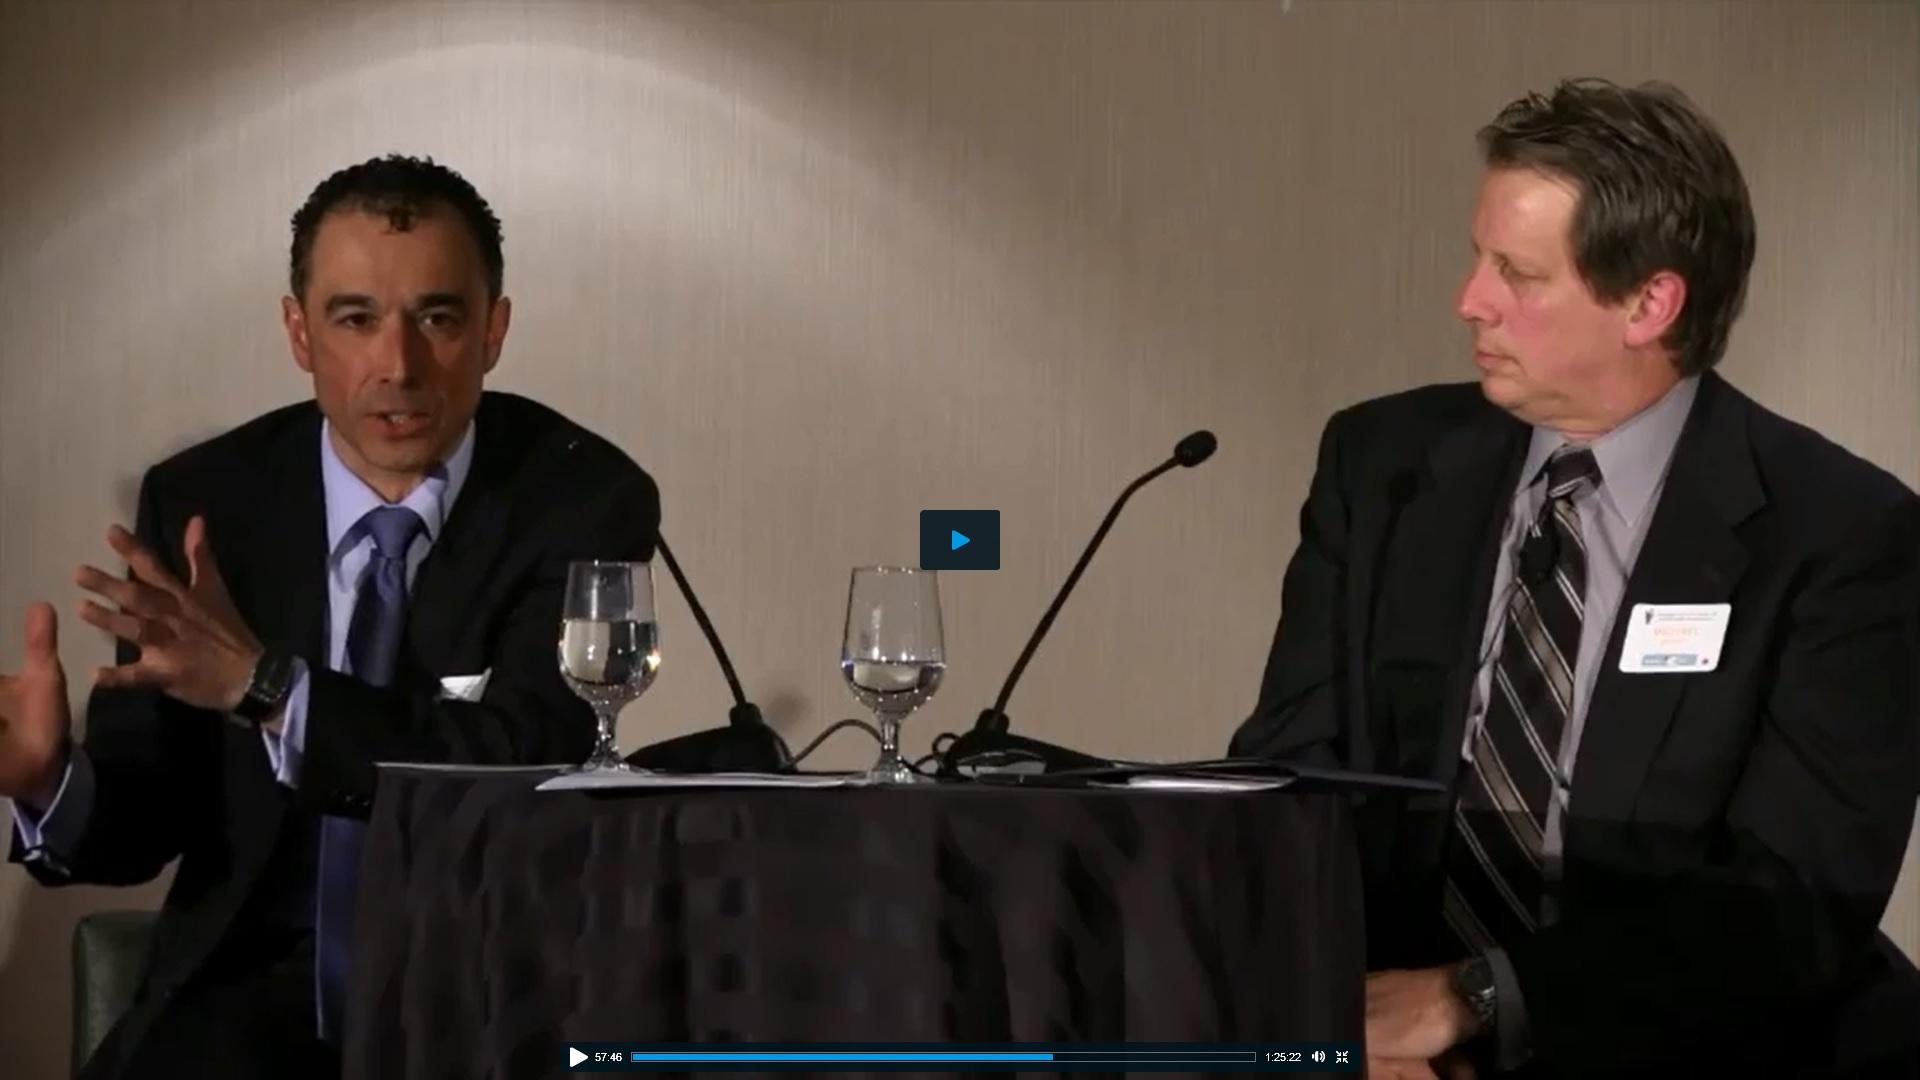 P2 Client CEO Speaks